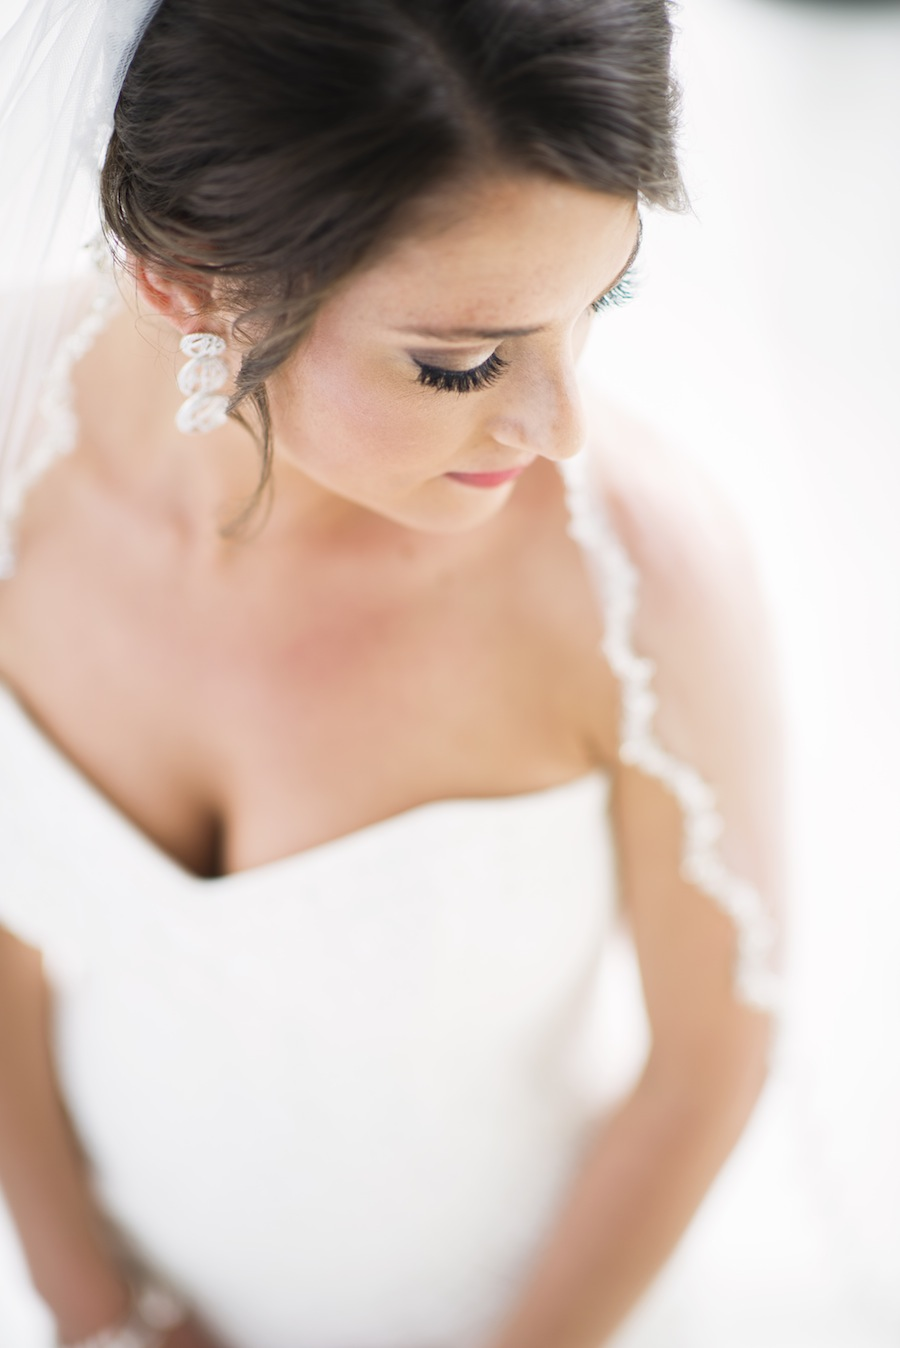 Sandpearl Bride on Wedding Day   Bridal Portrait